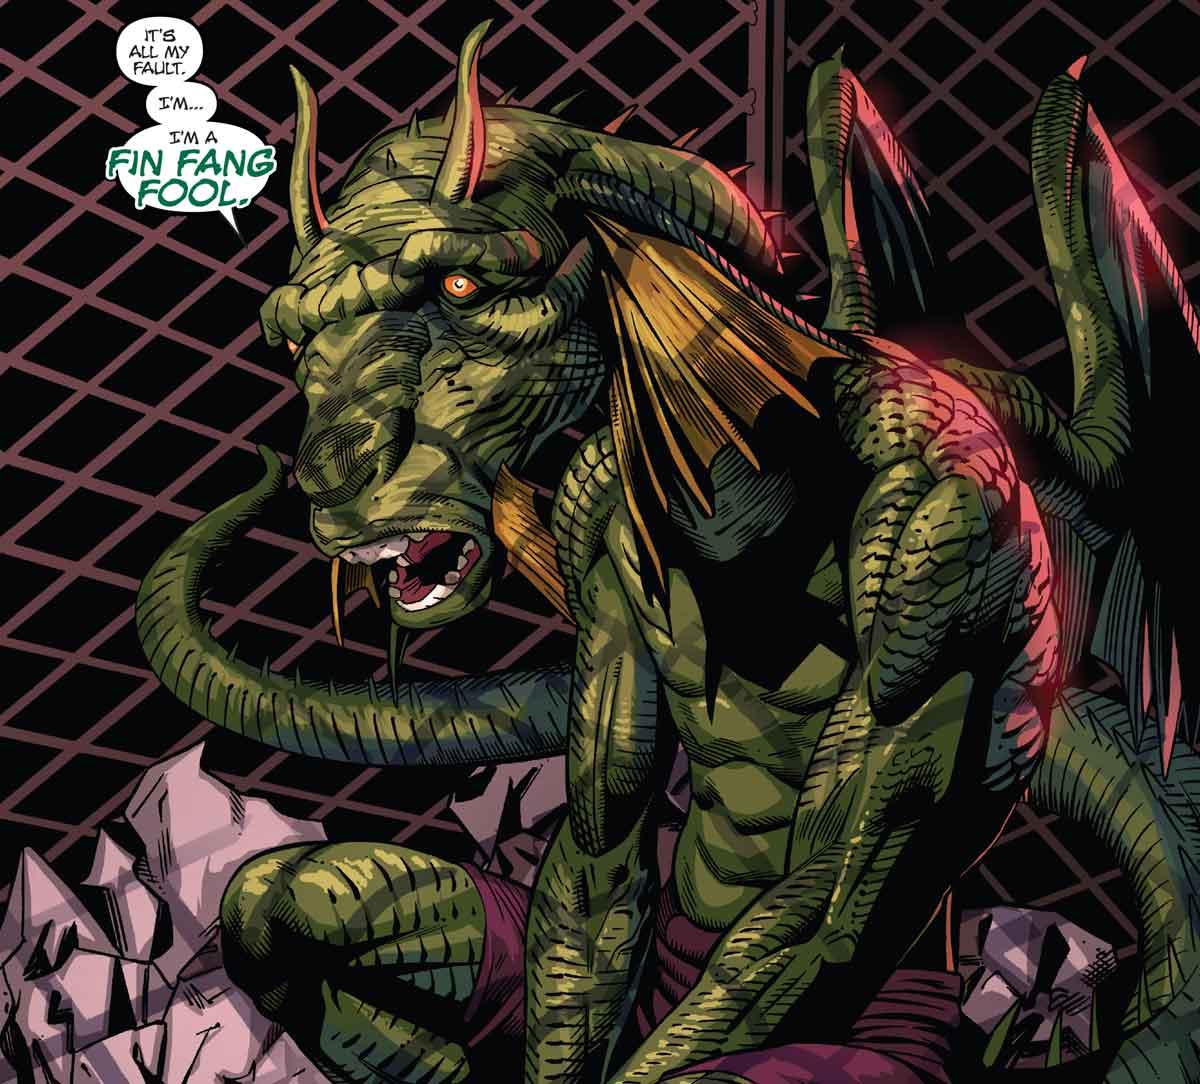 Villano de Marvel regresa convertido en un pequeño dragón